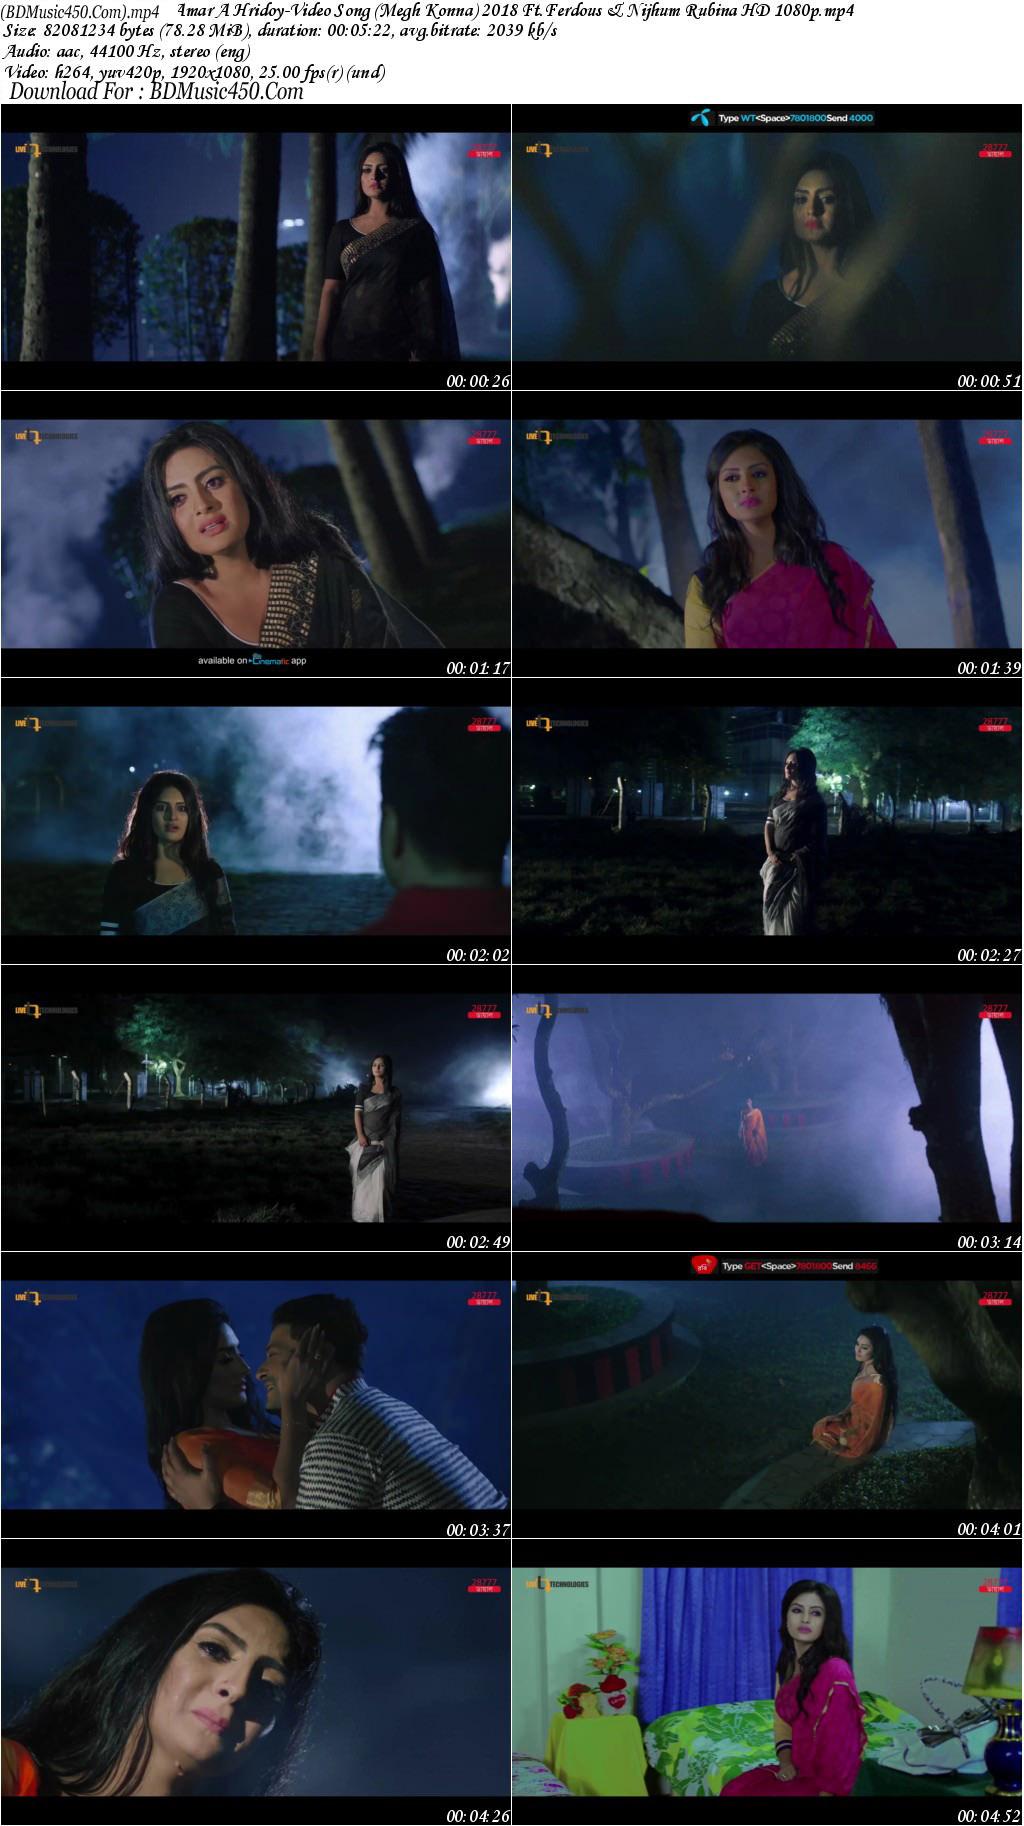 Amar A Hridoy 2018 Bangla Video (Megh Konna) By. Ferdous & Nijhum Rubina HD